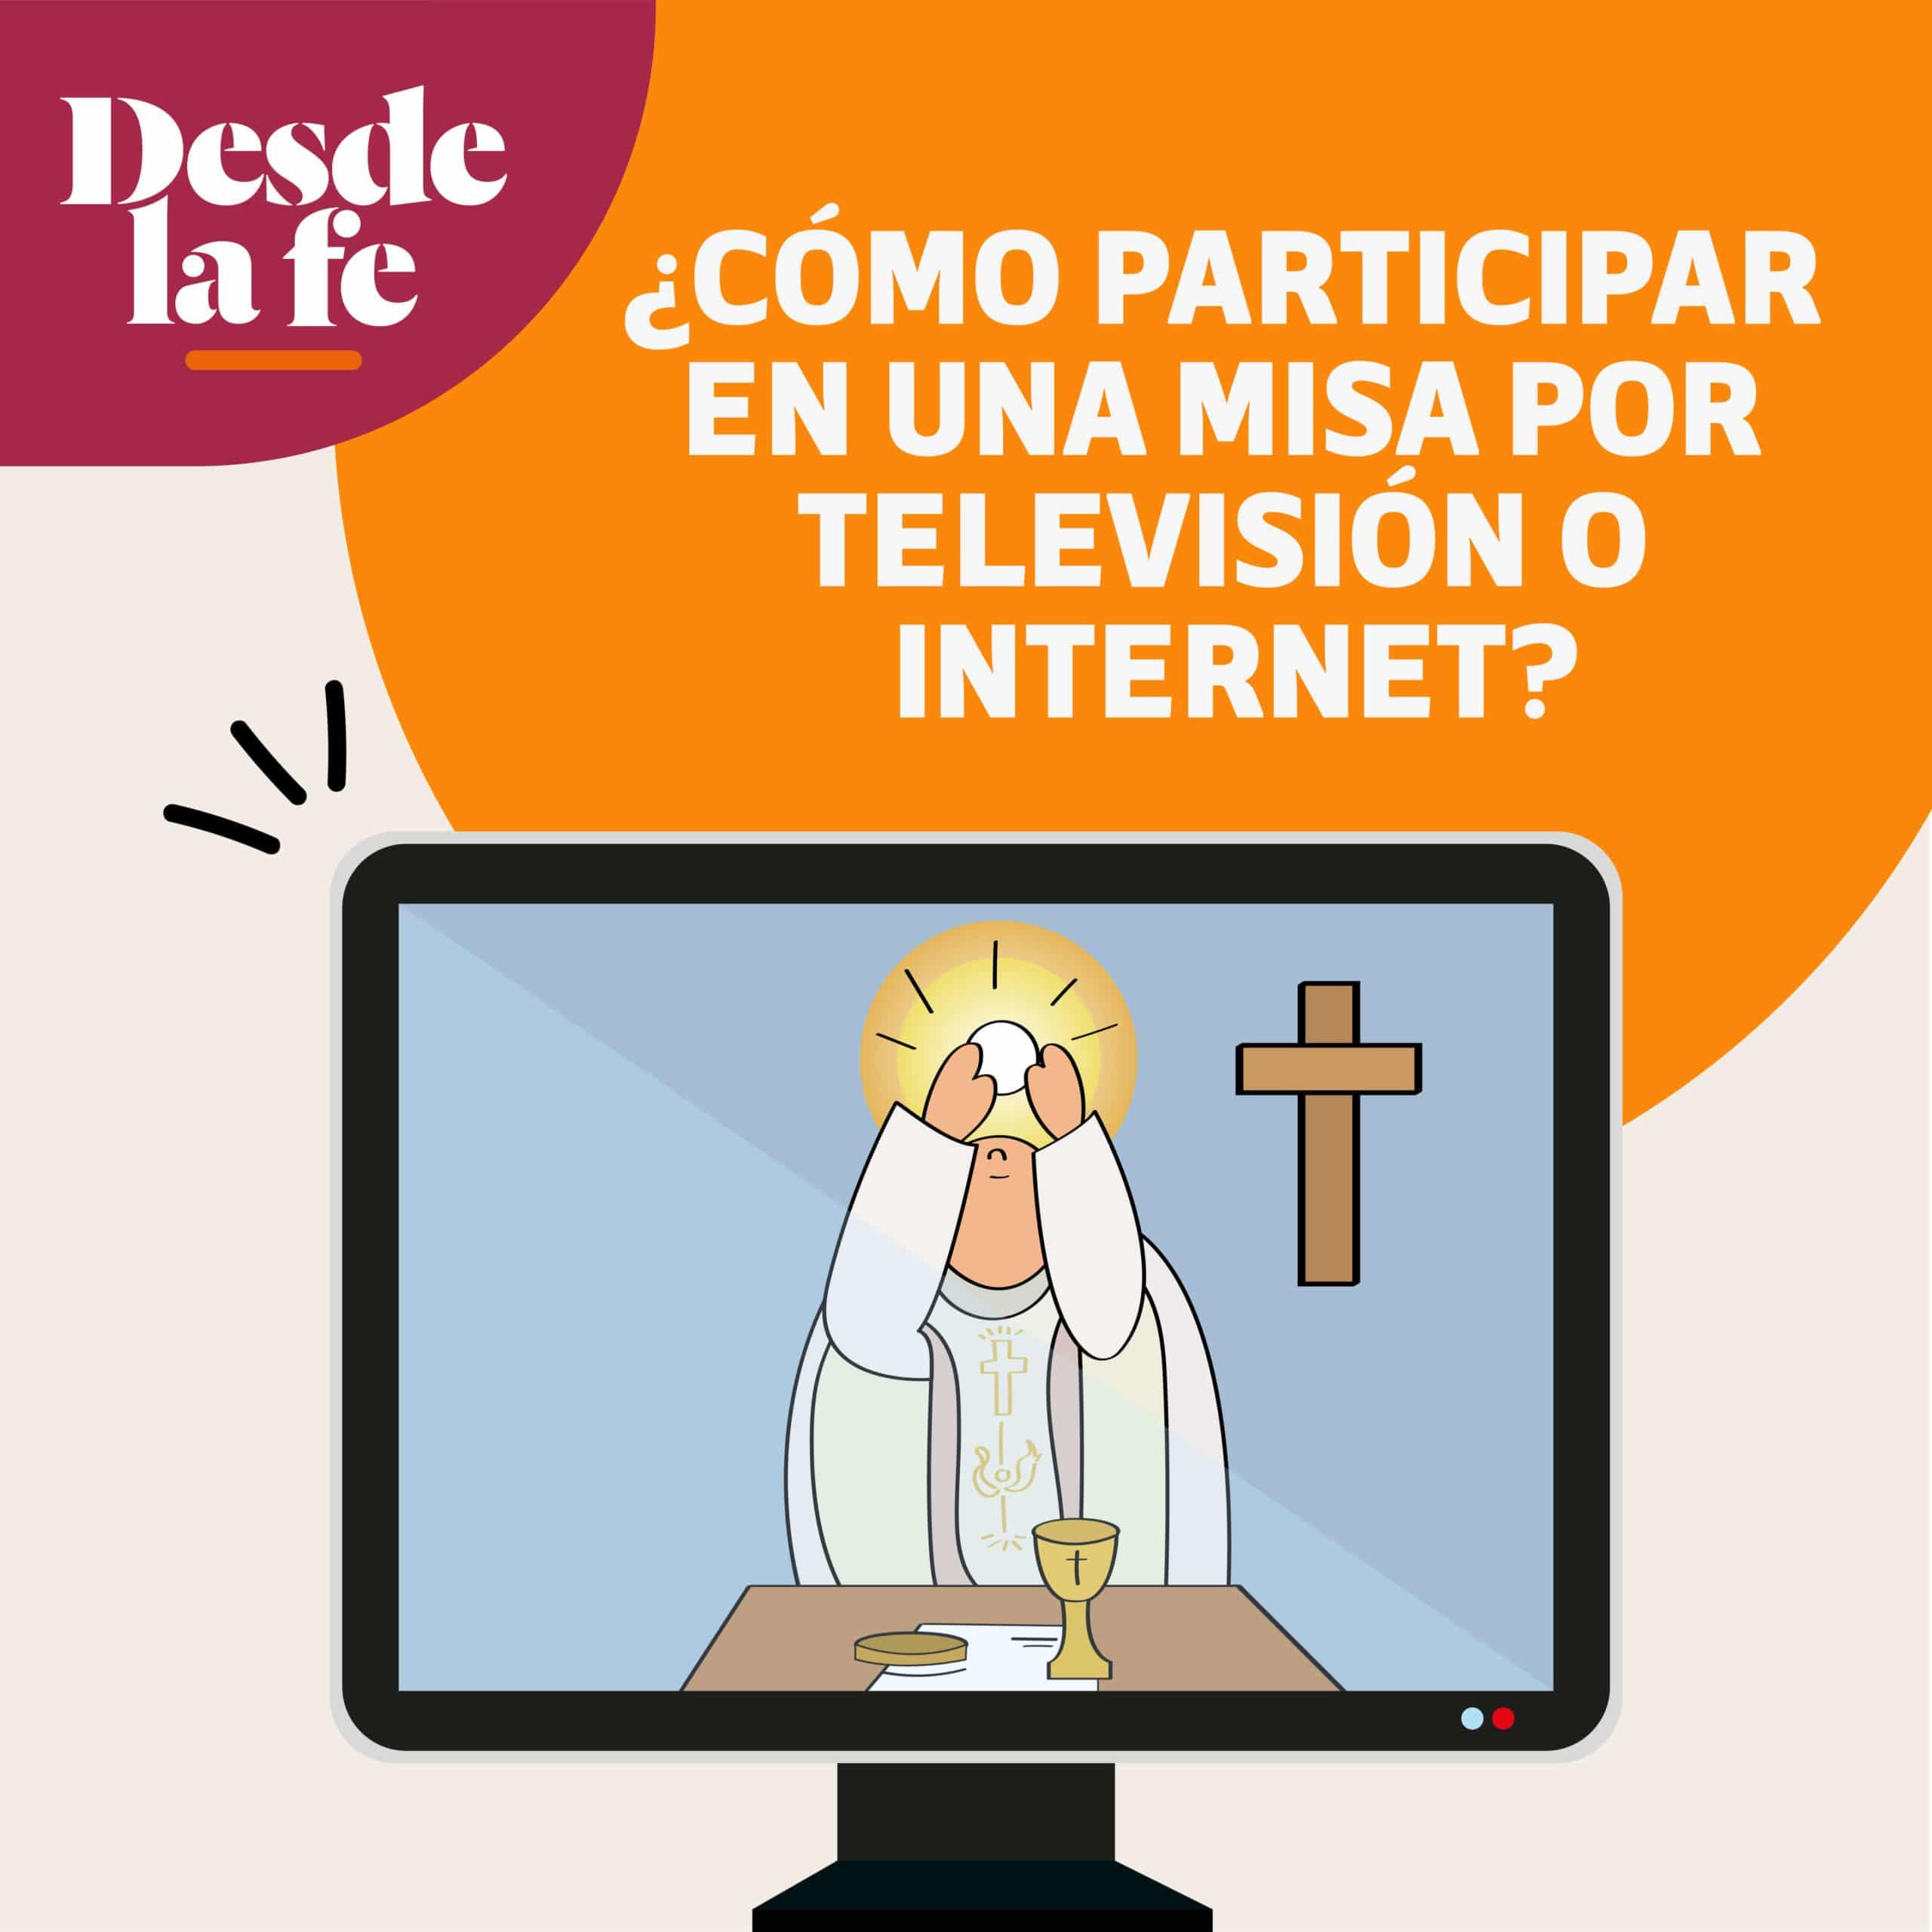 Sigue estas sugerencias para participar en una Misa por Internet o TV.